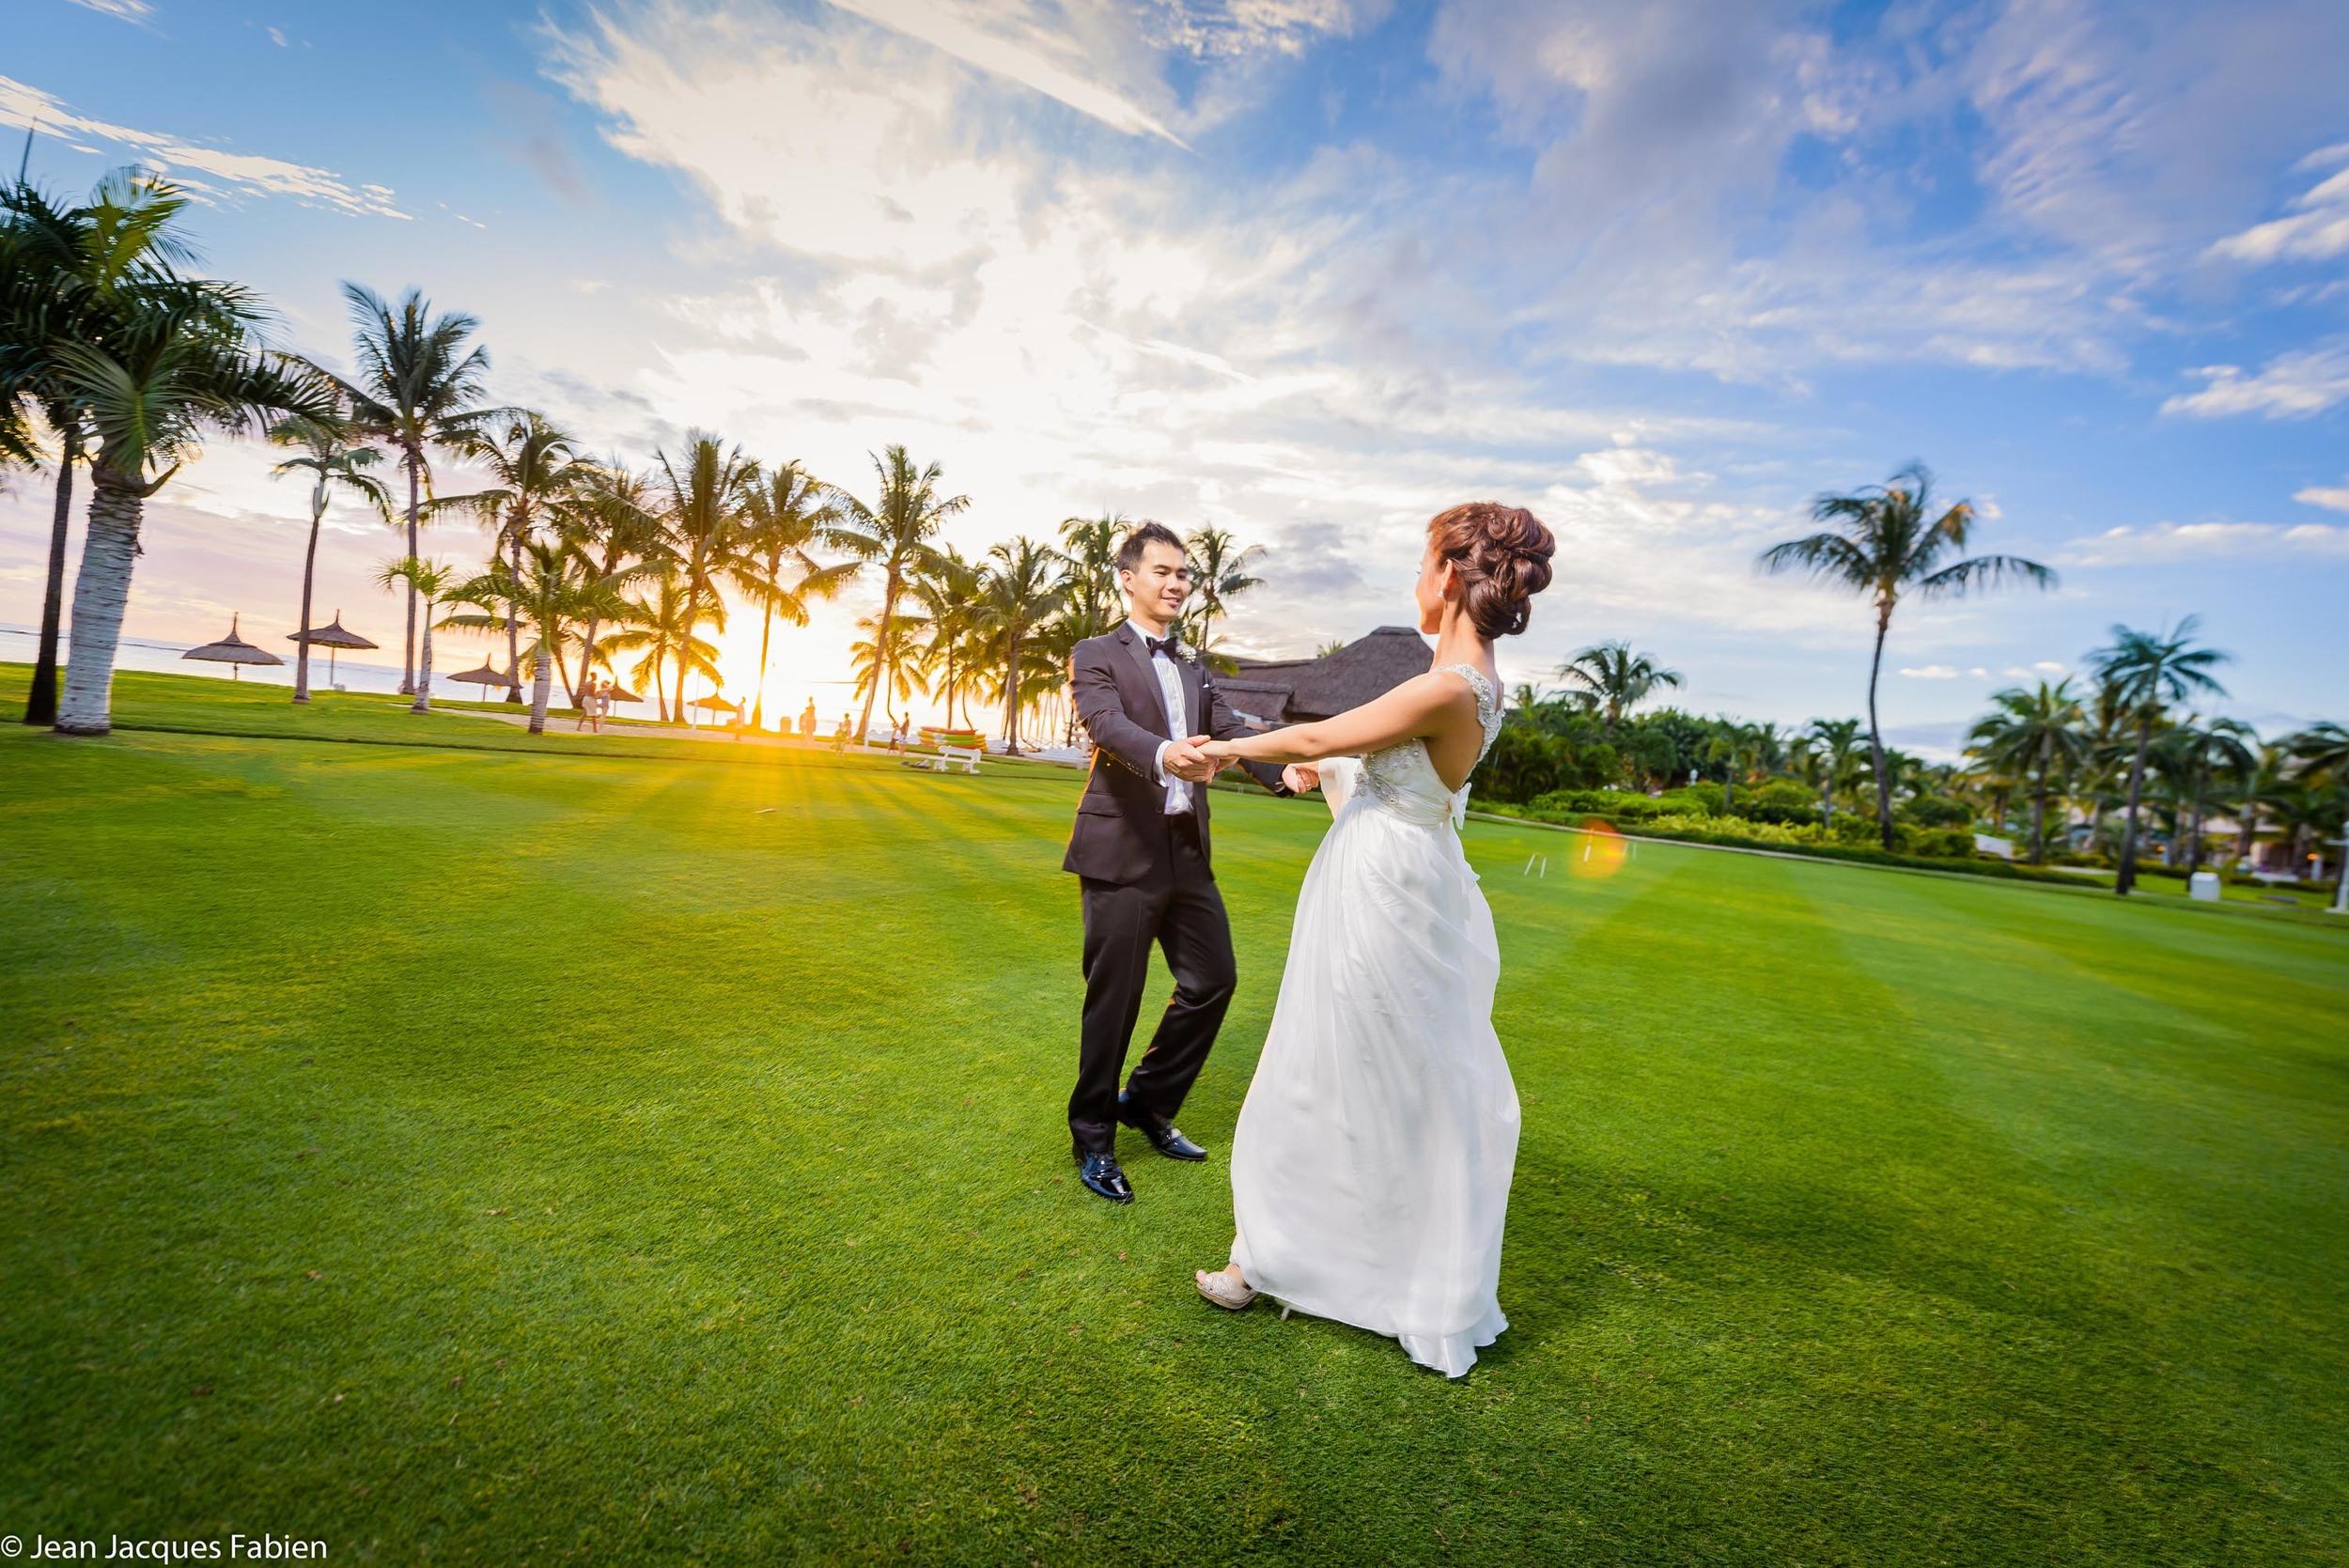 Wedding Jeff and Rachel 27-04-13-349.jpg